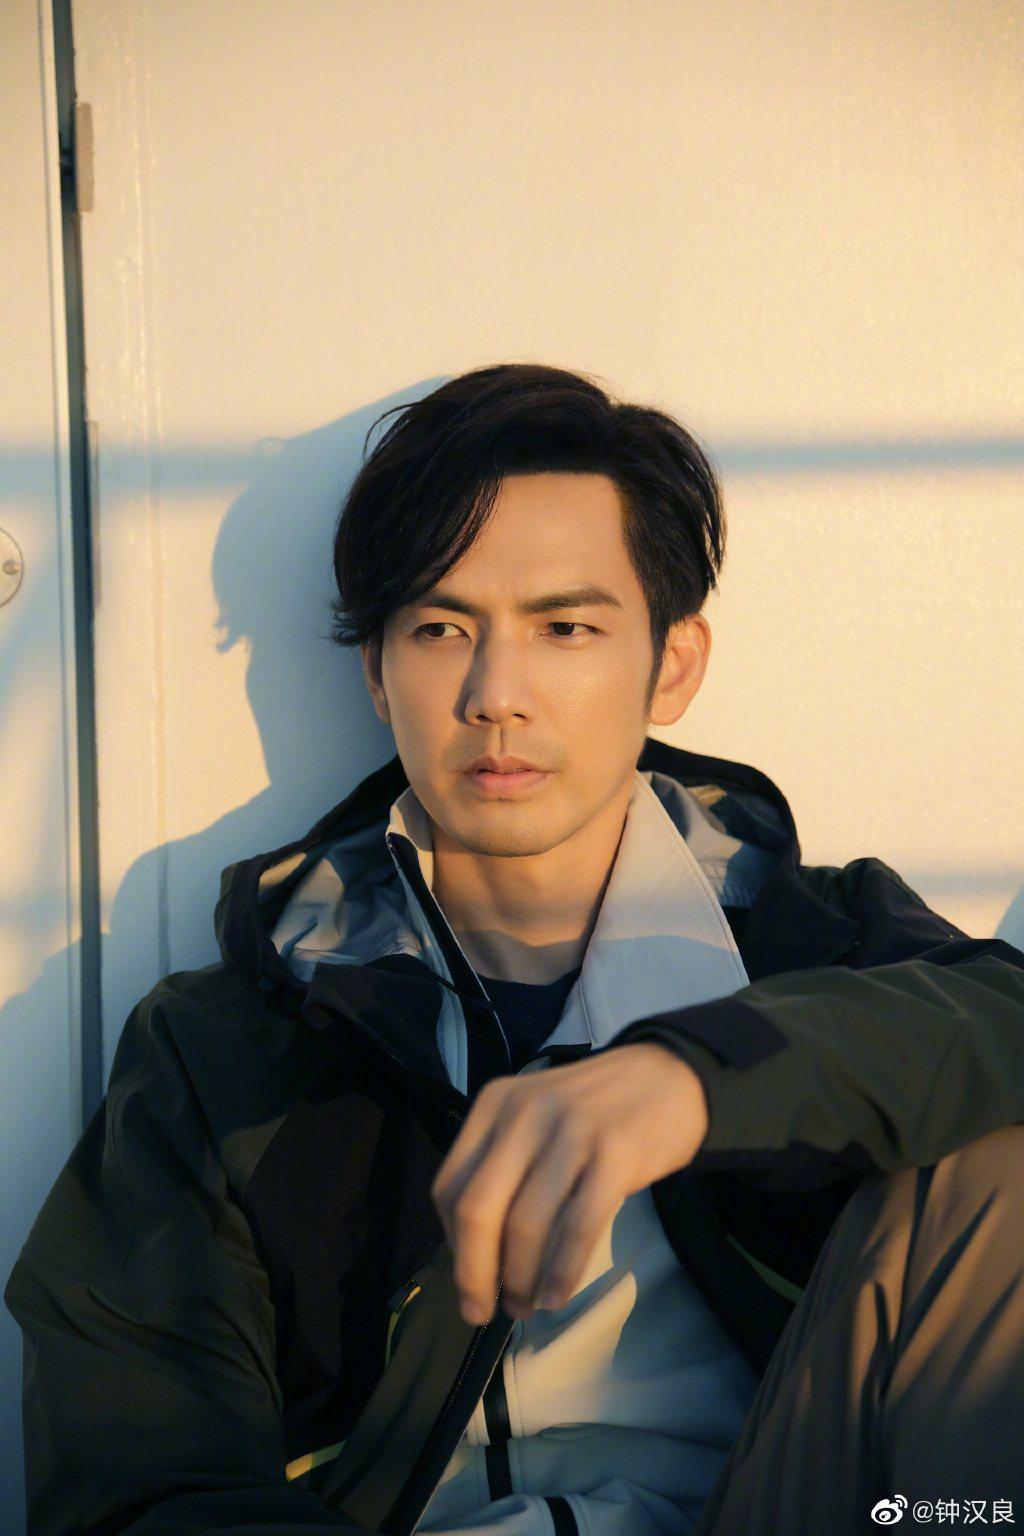 舞者出身的鍾漢良雖近年皆於戲劇演出,網盛傳他將接下「這!就是街舞」第4位導師位置